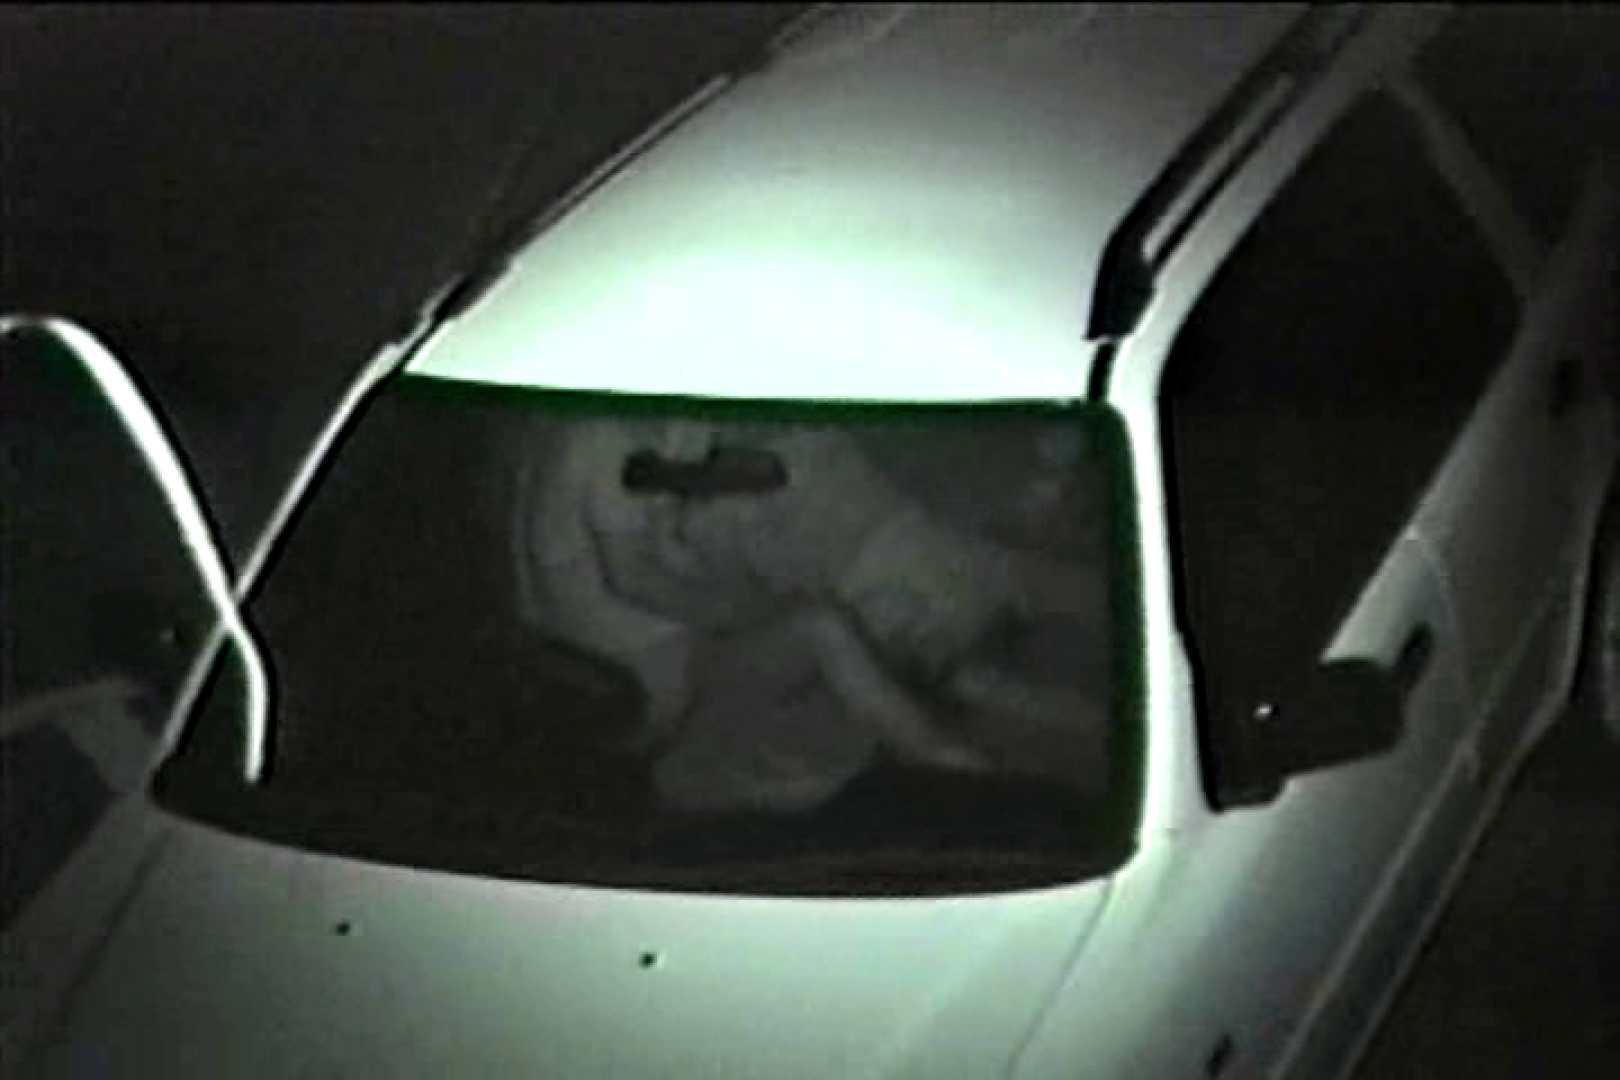 車の中はラブホテル 無修正版  Vol.7 人気シリーズ 盗み撮りSEX無修正画像 41pic 23